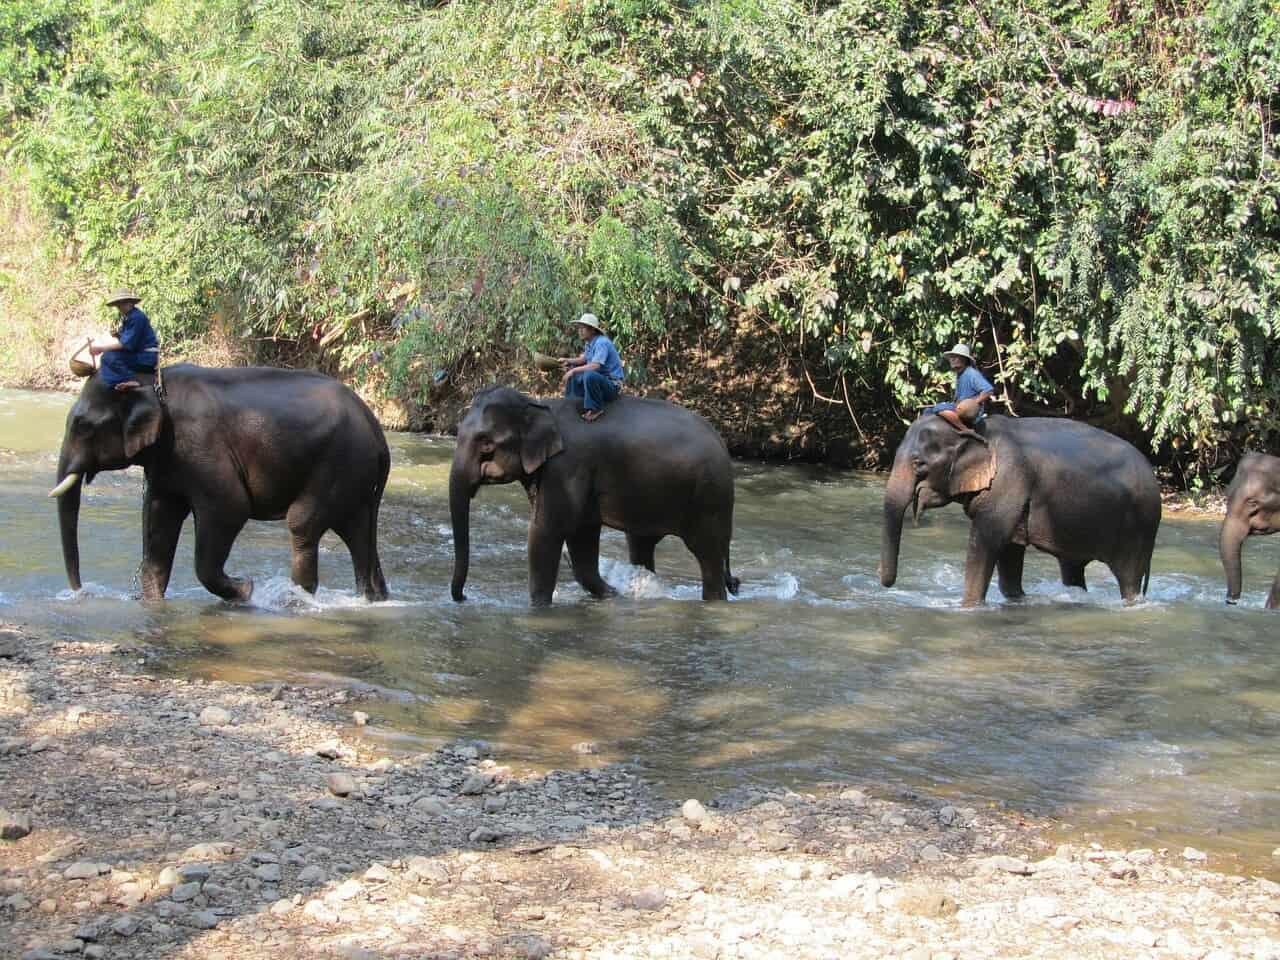 Elefanten mit ihren Mahuts